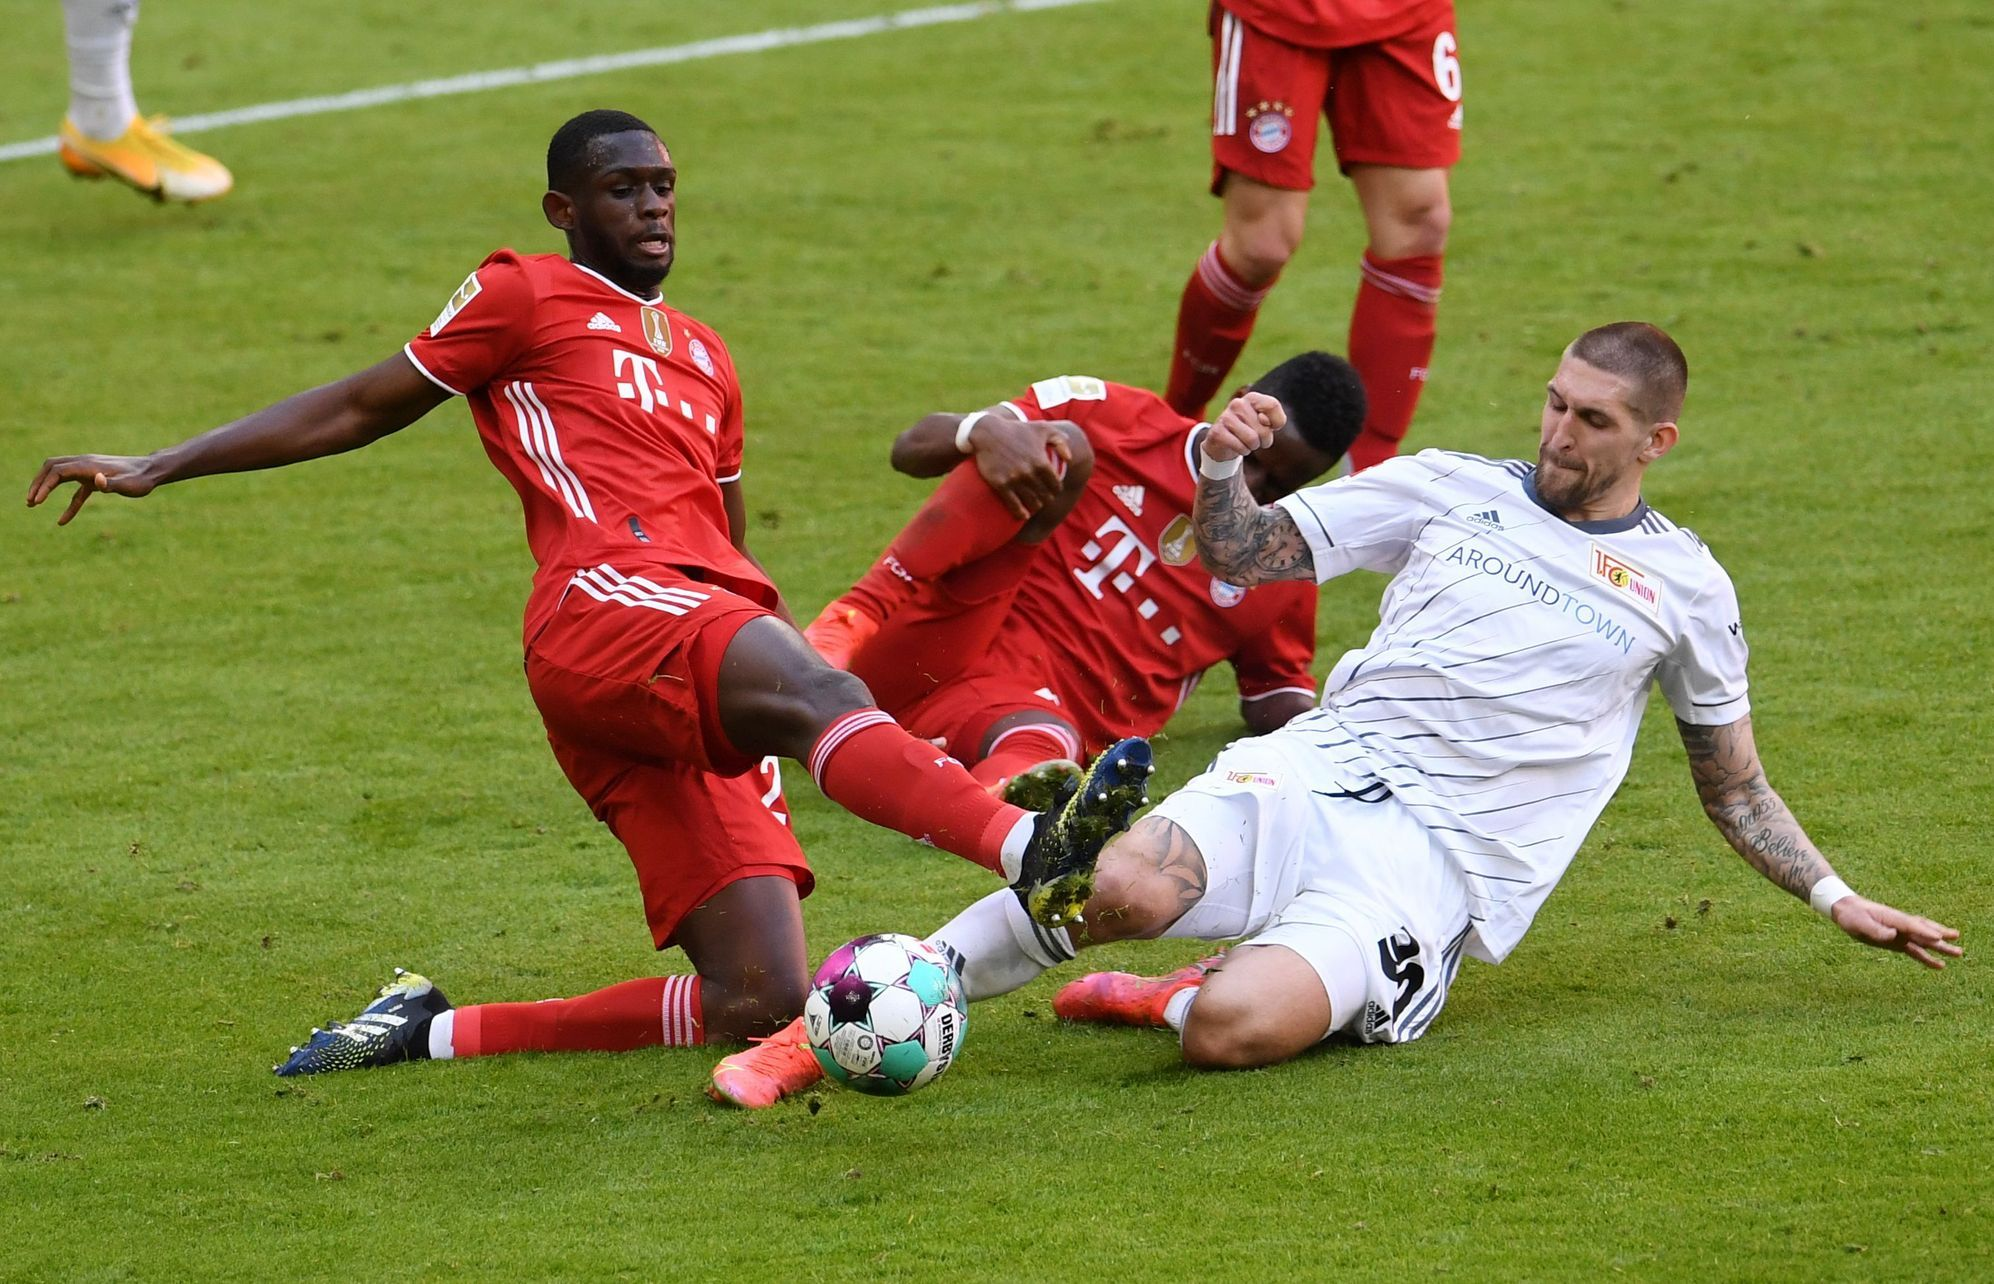 Bayern doma klopýtl s Unionem. Lipsko porazilo Brémy a smrsklo náskok giganta